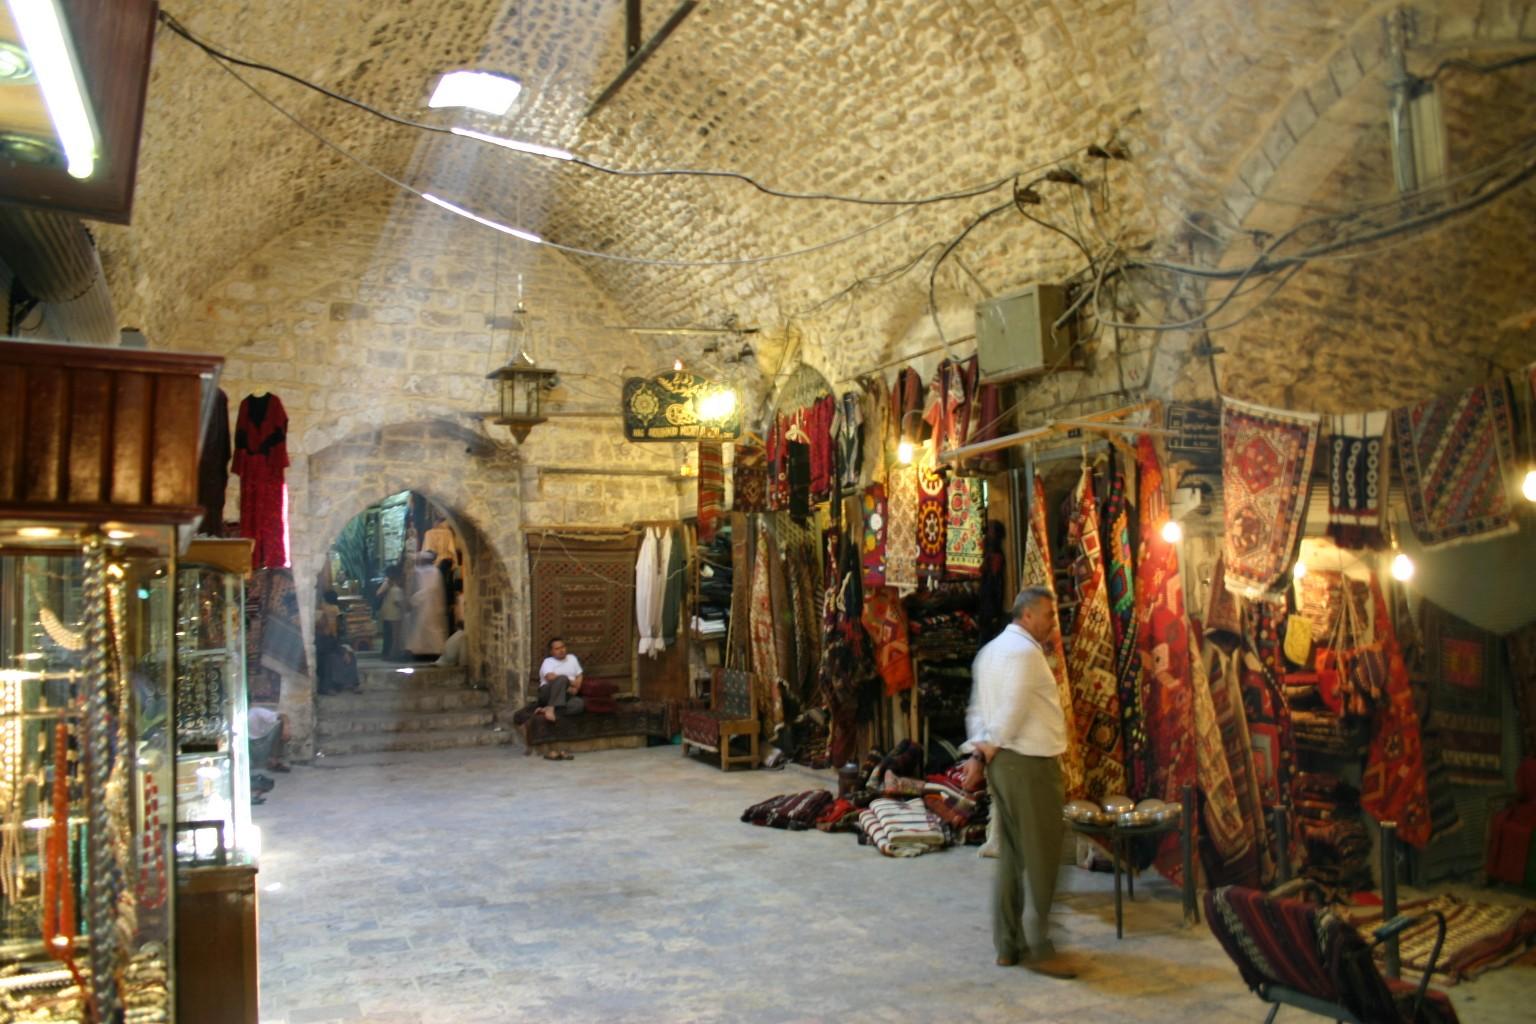 aleppo_textile_suq_market